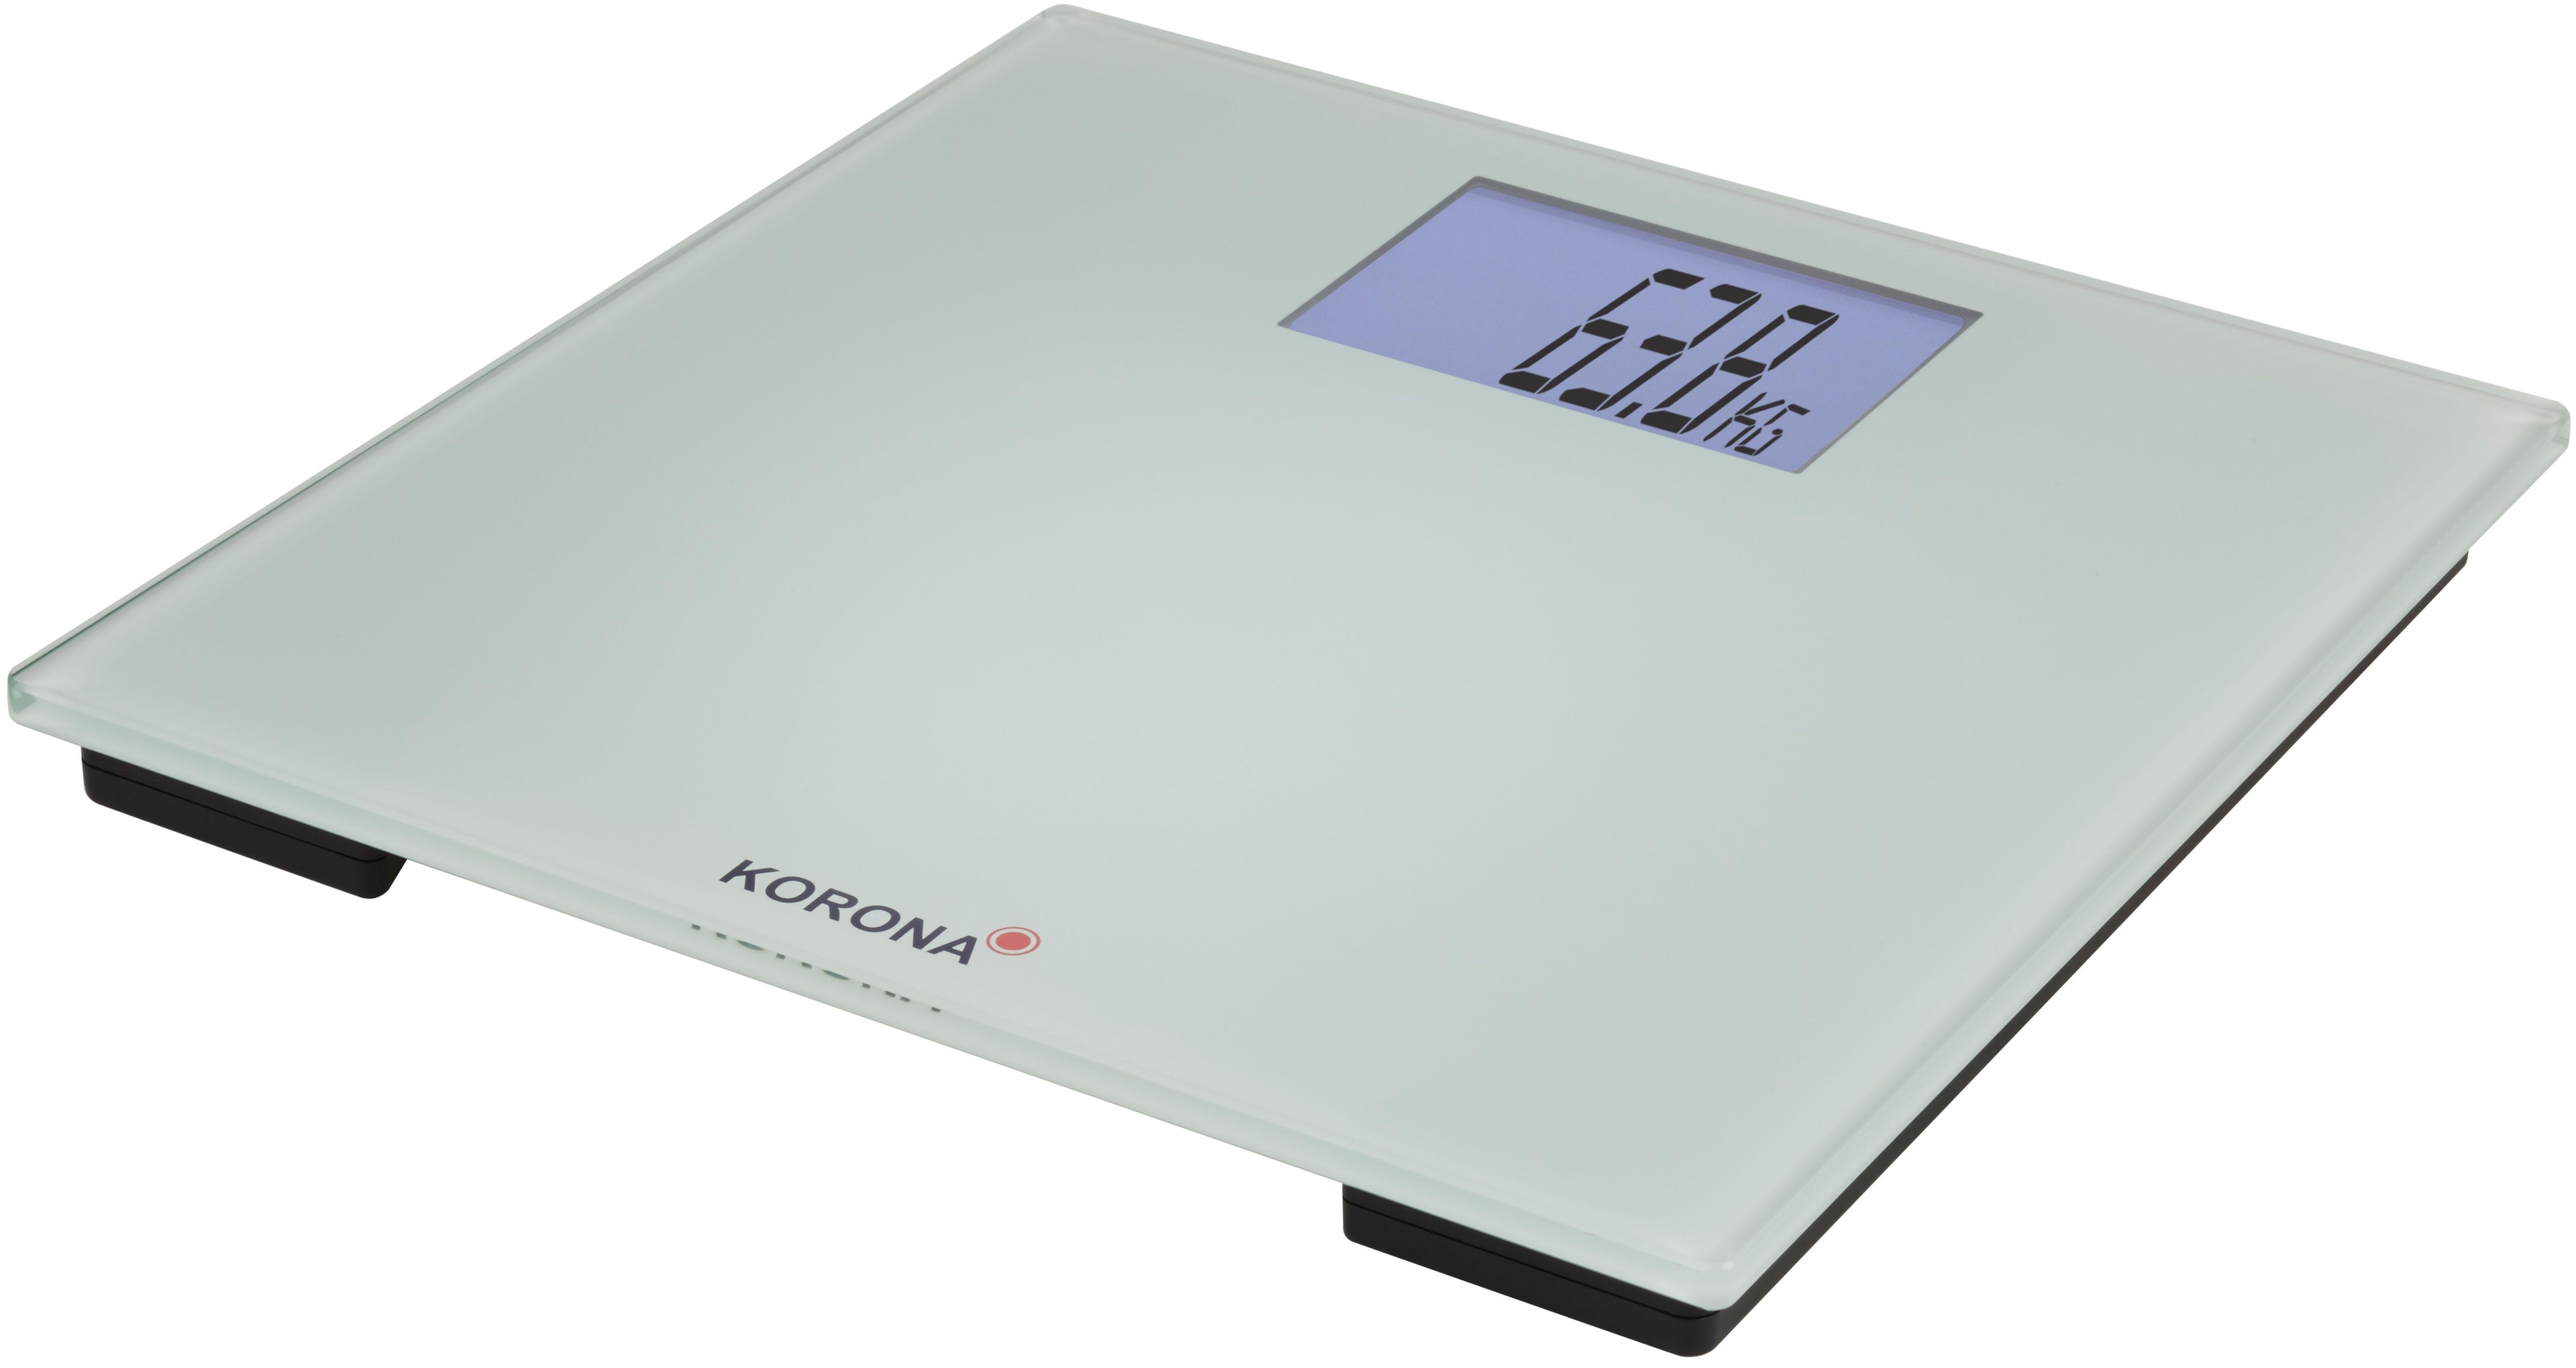 Korona digitale personenweegschaal Romy 73230, XXL-display online kopen op otto.nl